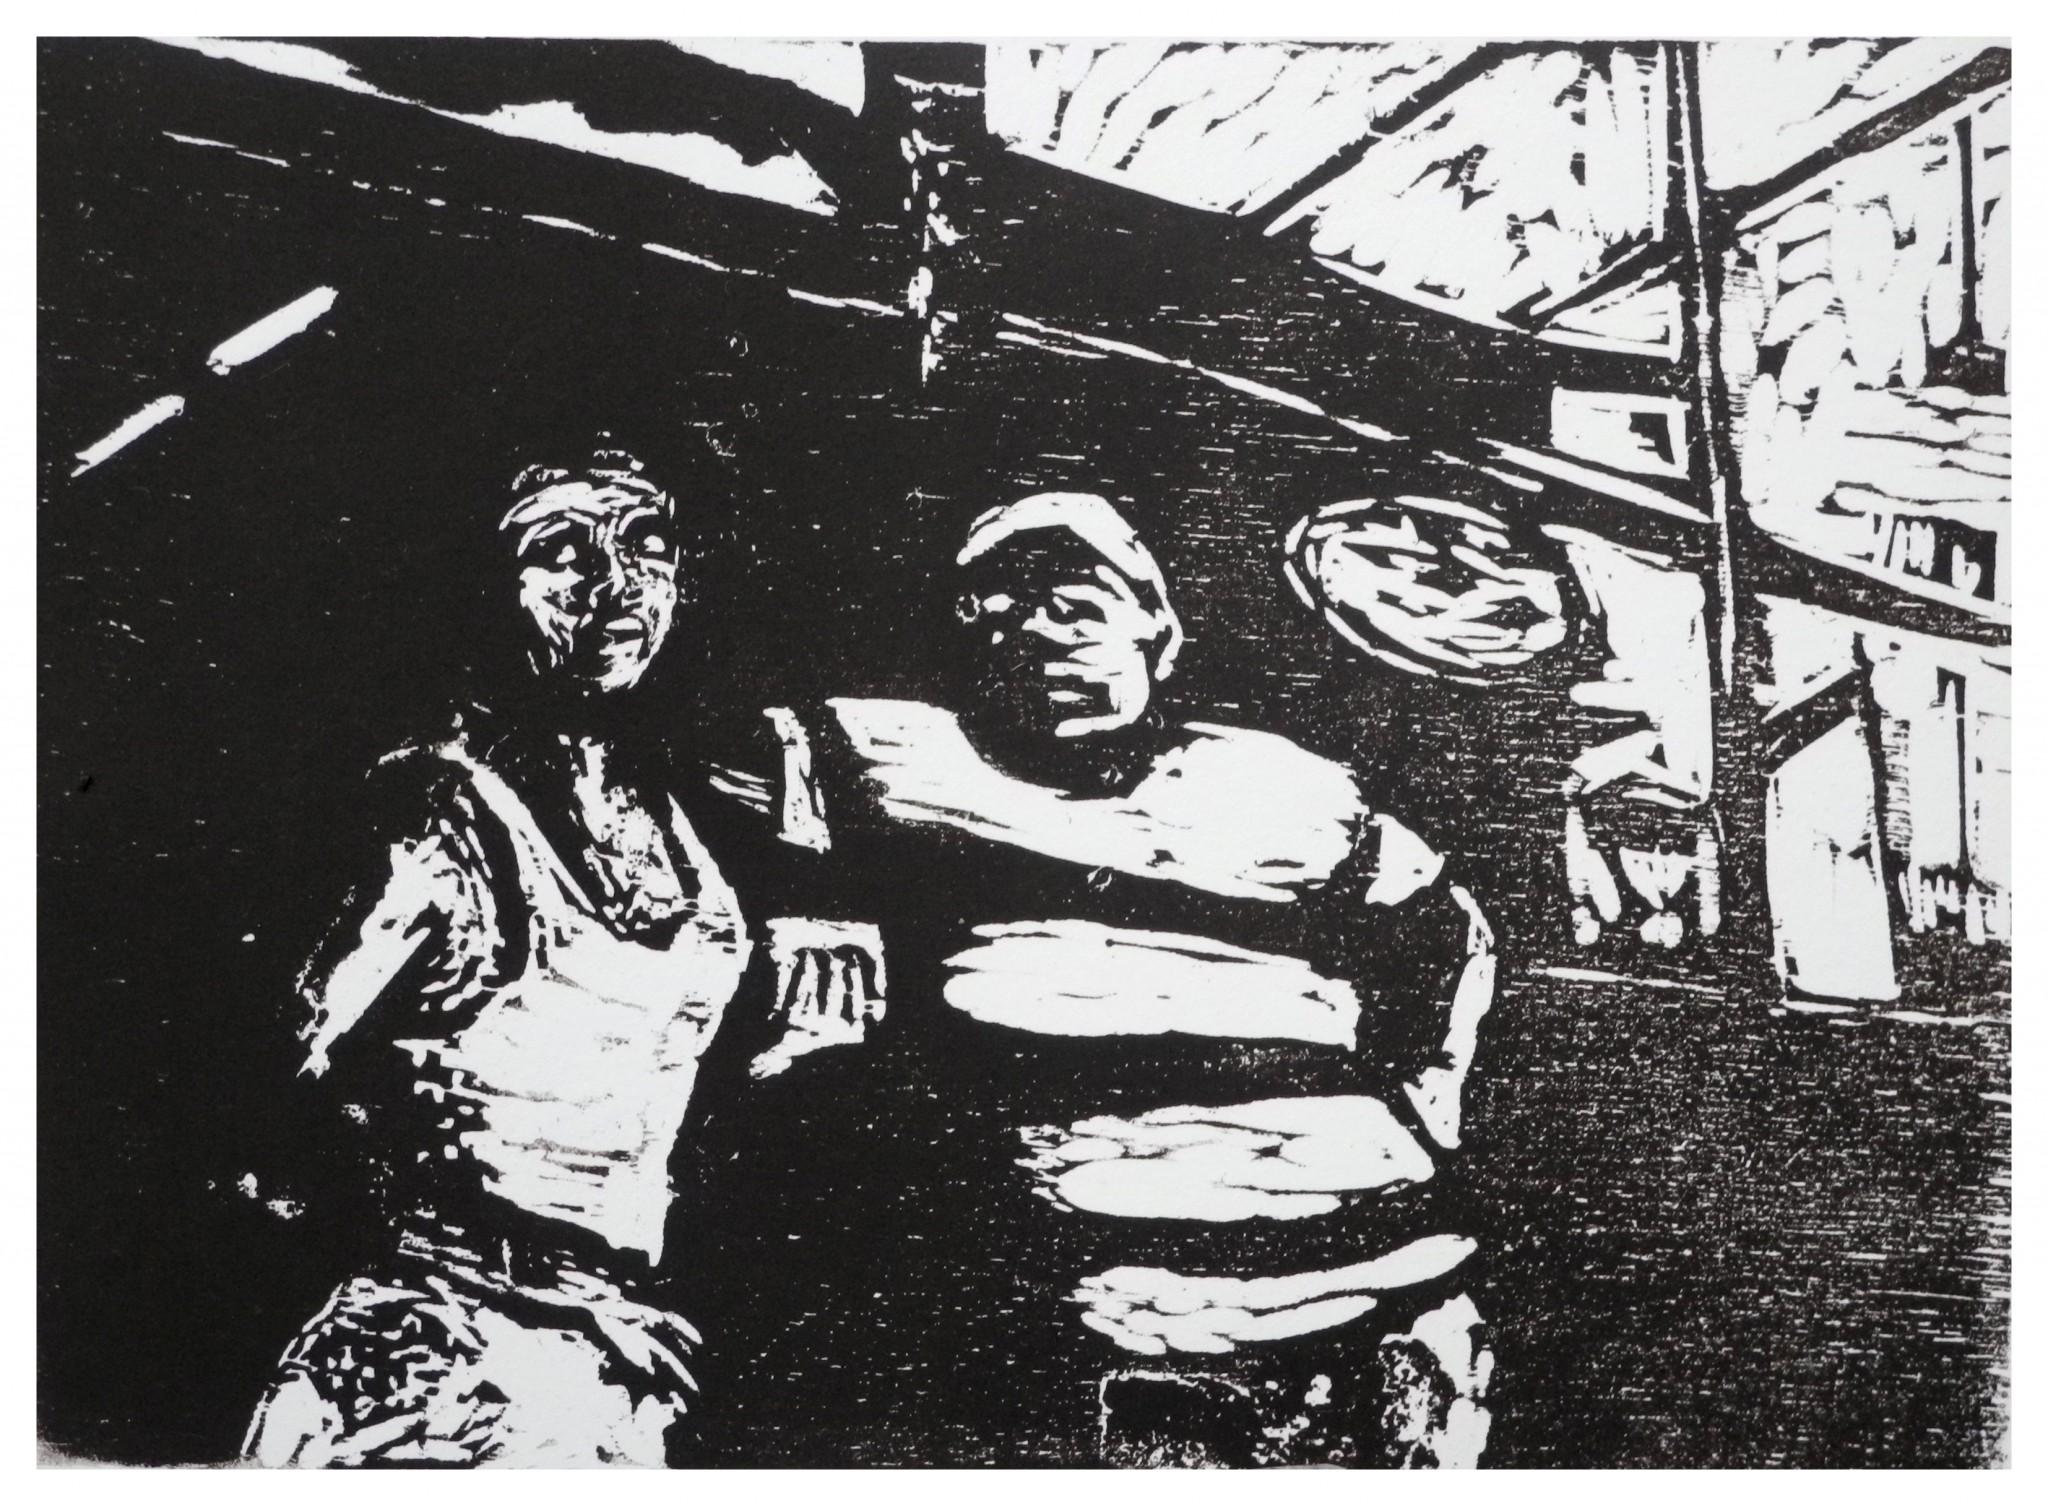 Havana Central, livre d'artiste, 9 exemplaires, 2017